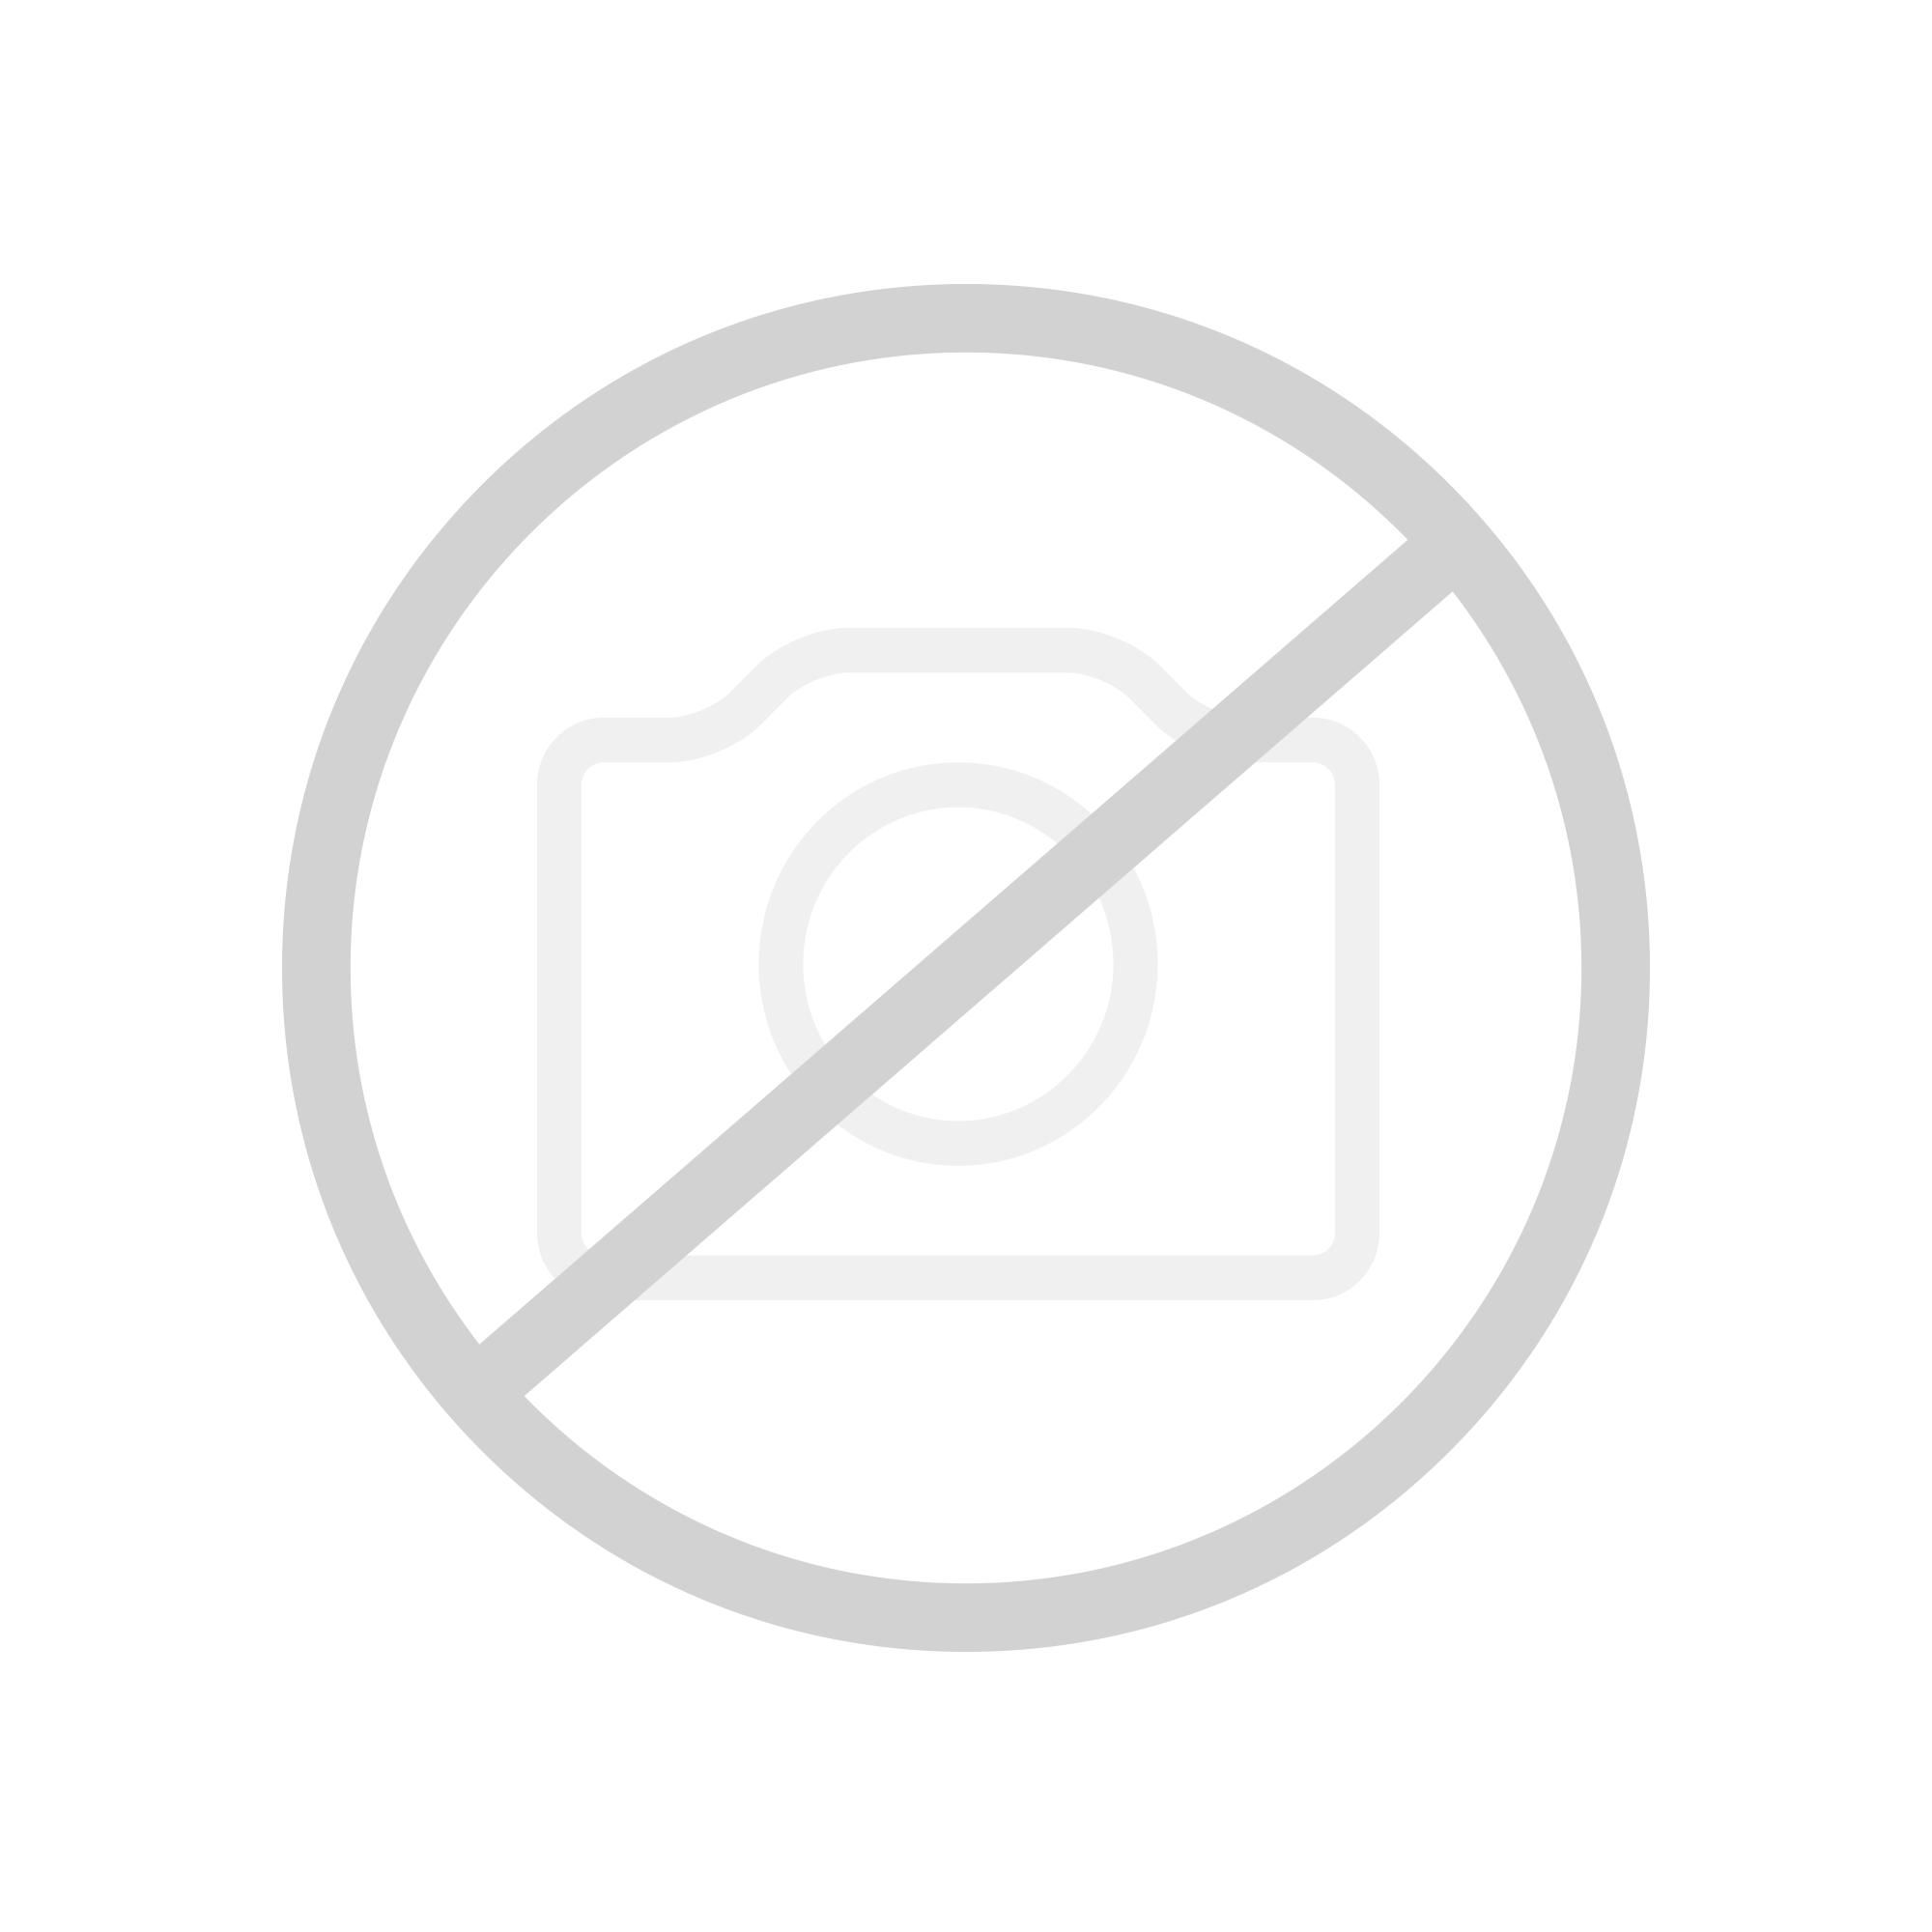 Duravit Vero WC-Sitz weiß mit Absenkautomatik soft-close